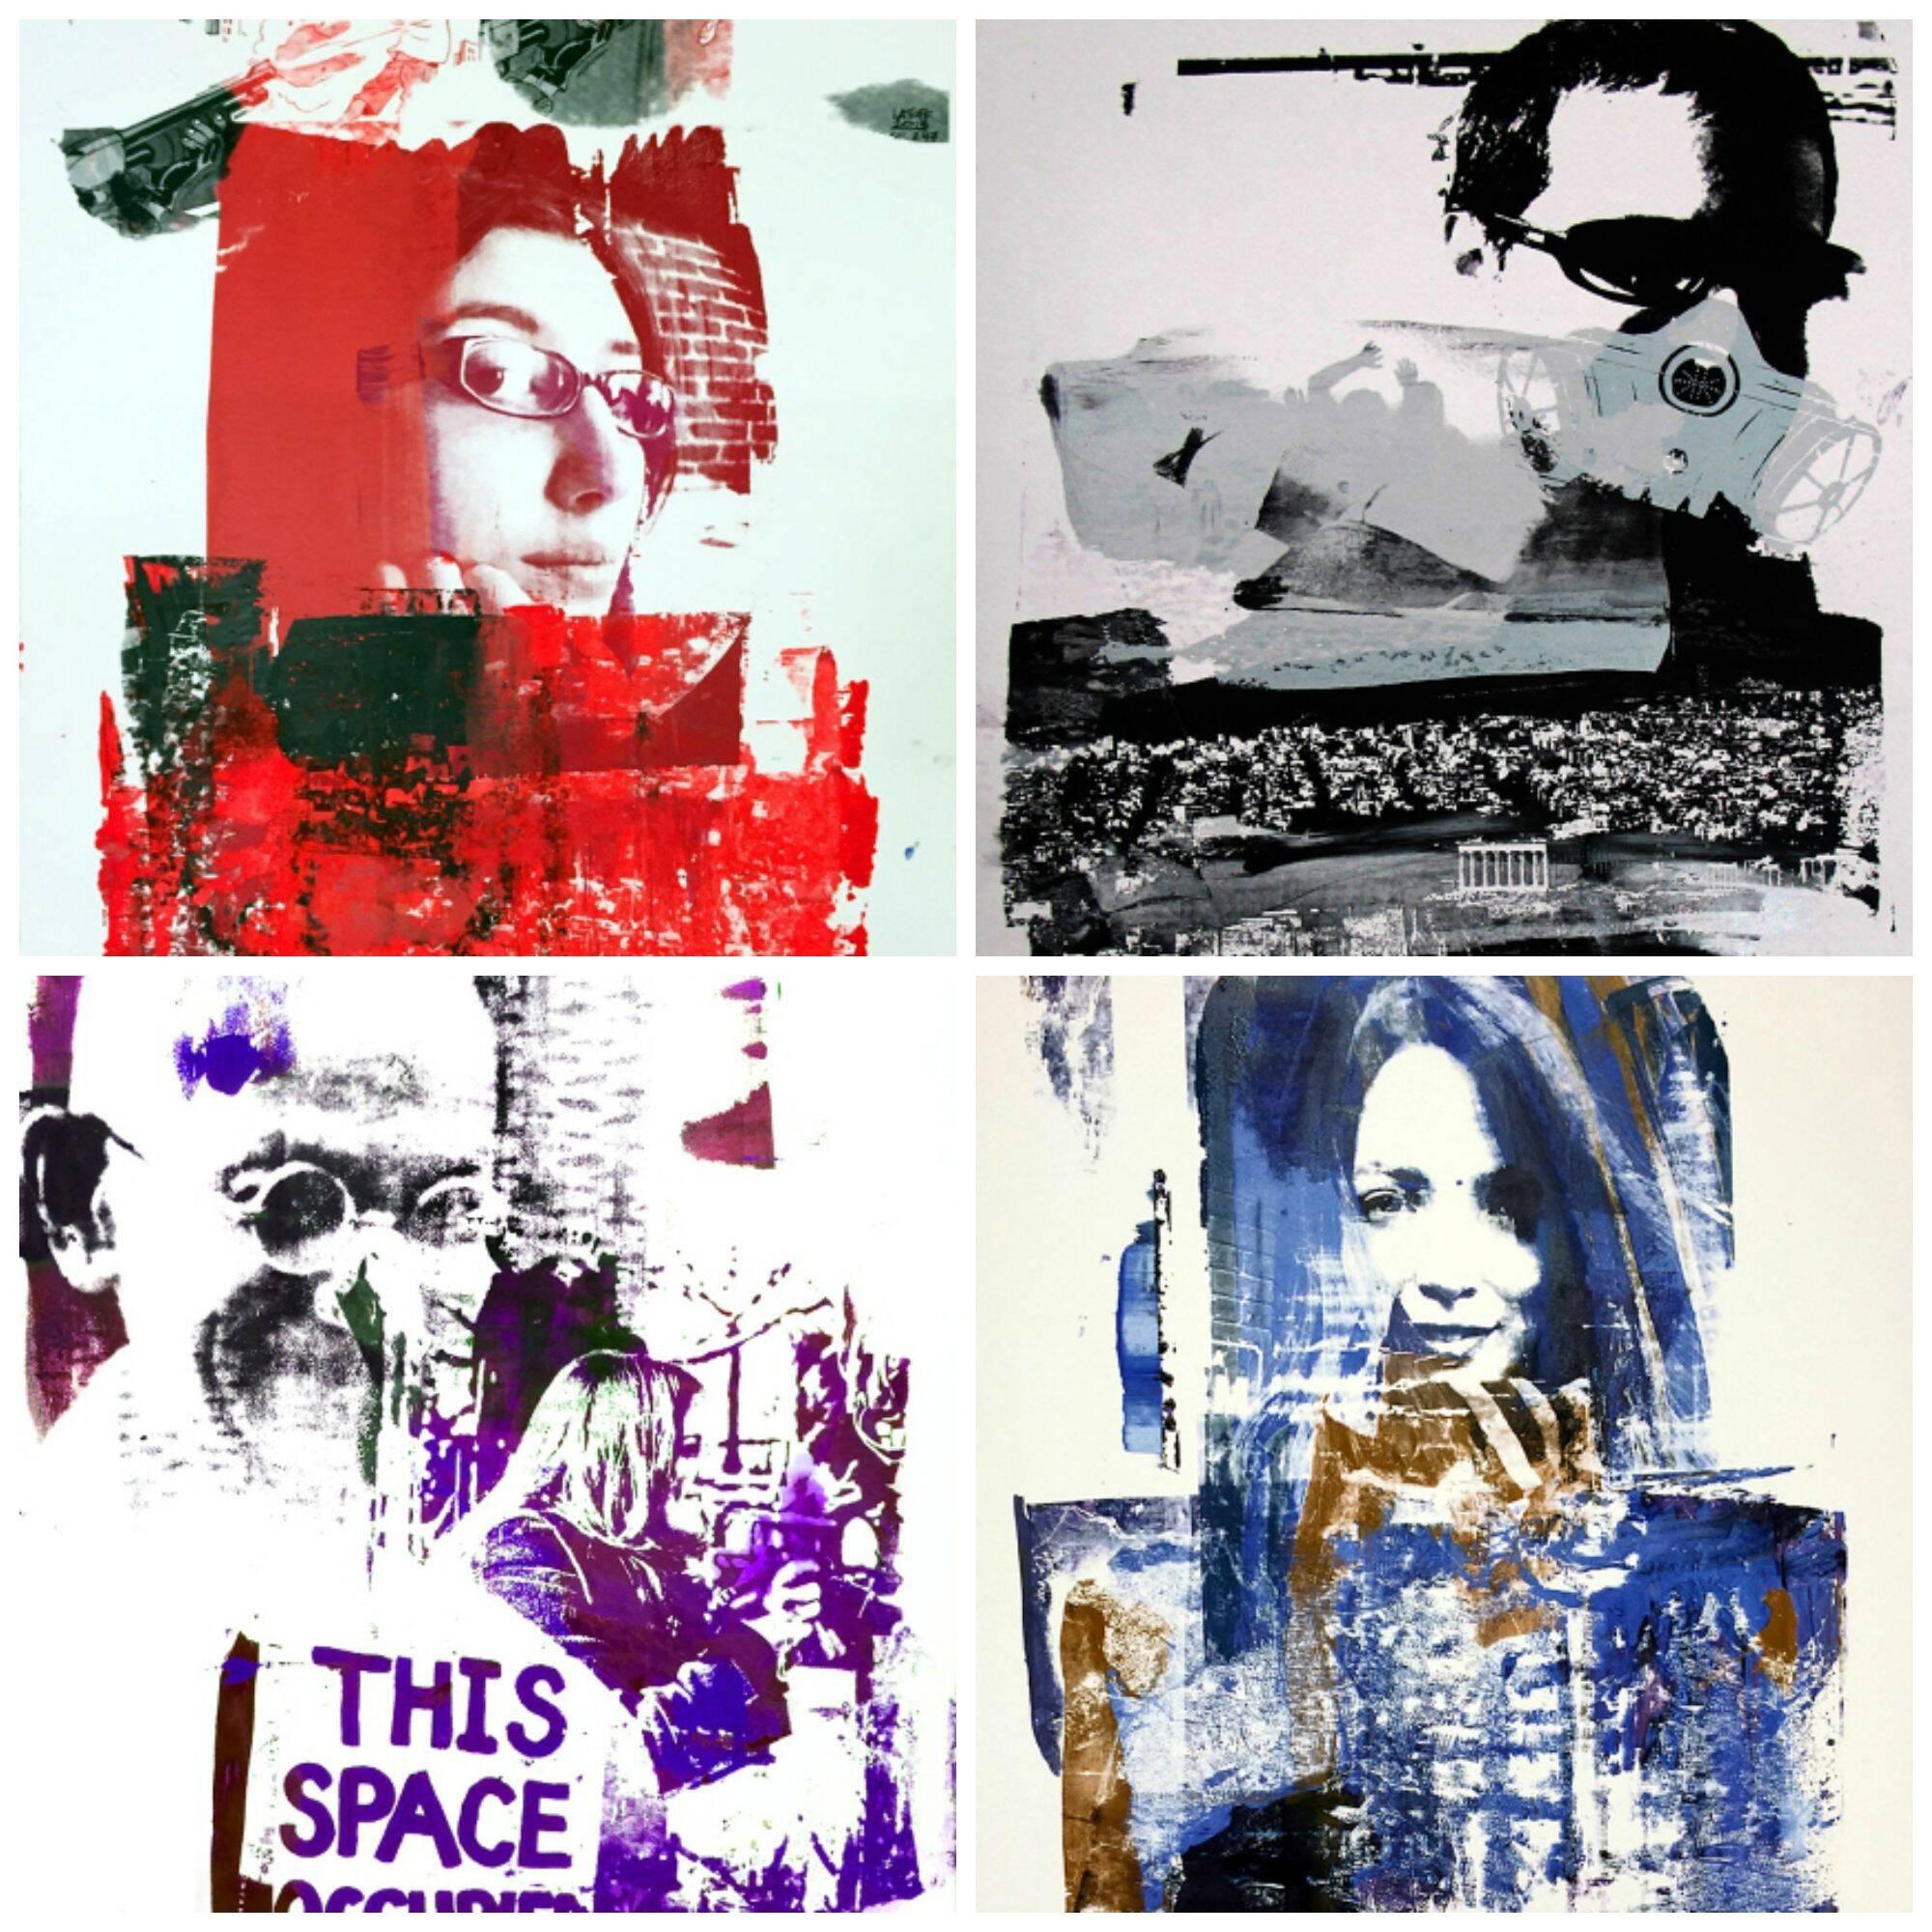 No alto, o artista André De Castro; acima, no sentido horário, telas inspiradas em manifestantes do Brasil, da Grécia, da Turquia e dos EUA/ Fotos: divulgação